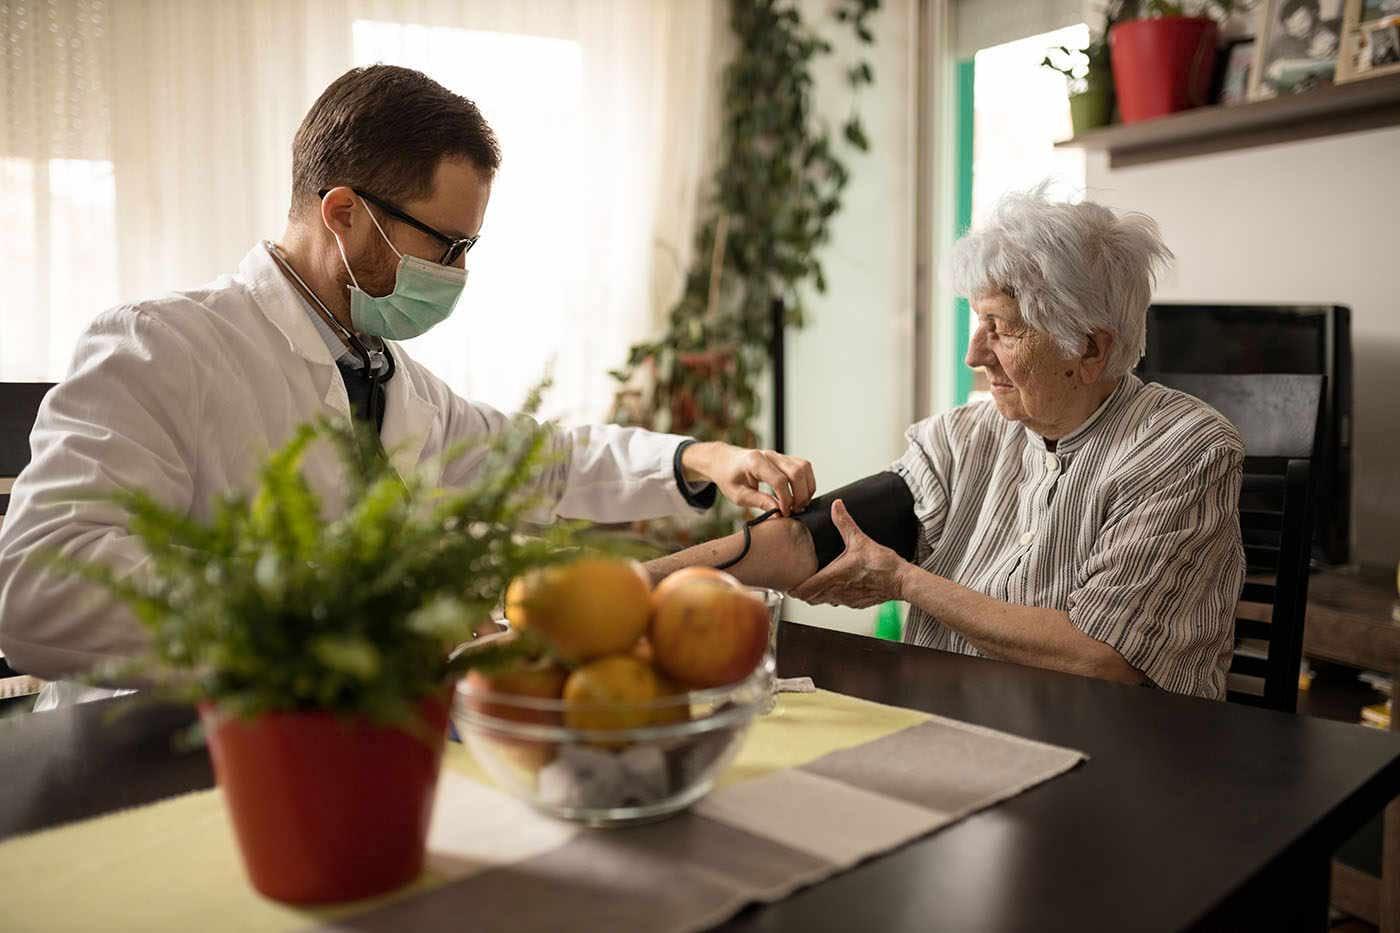 Hipertensiunea la adulții de orice vârstă poate accelera declinul cognitiv [studiu]